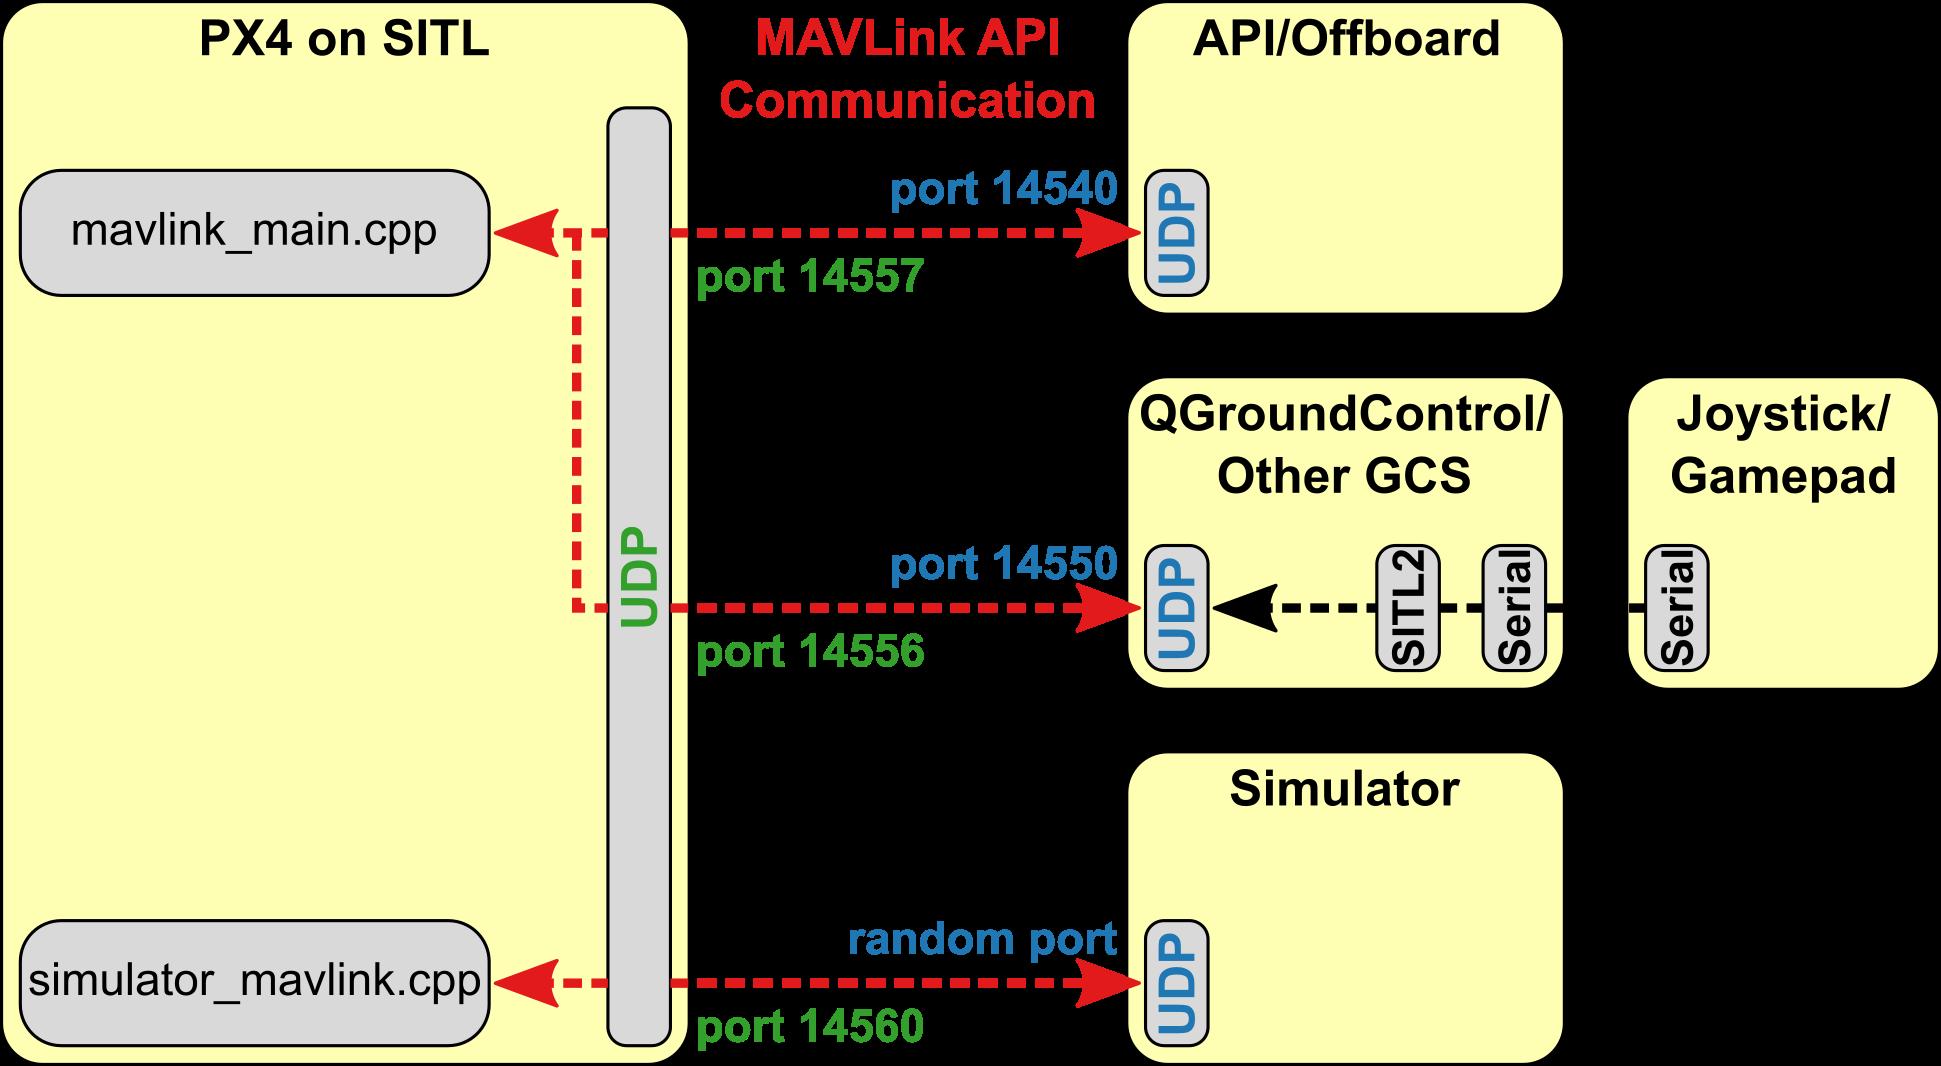 Simulation UDP port description is a bit confusing · Issue